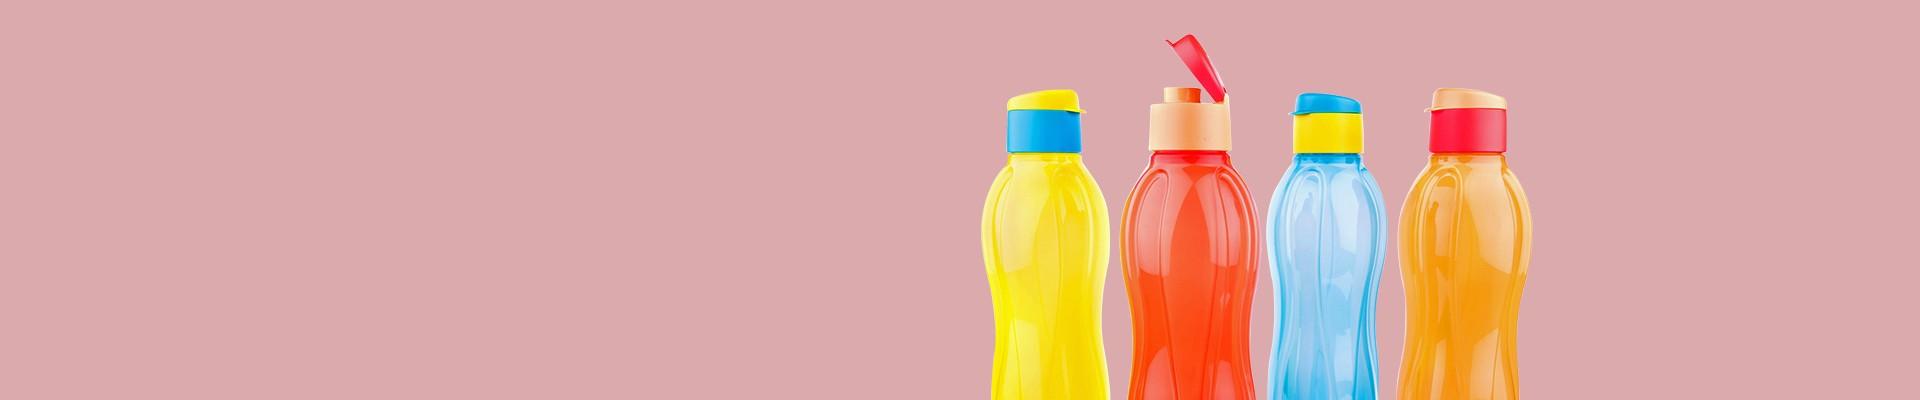 Jual Aneka Botol Minum / Termos Unik & Kekinian - Harga Murah